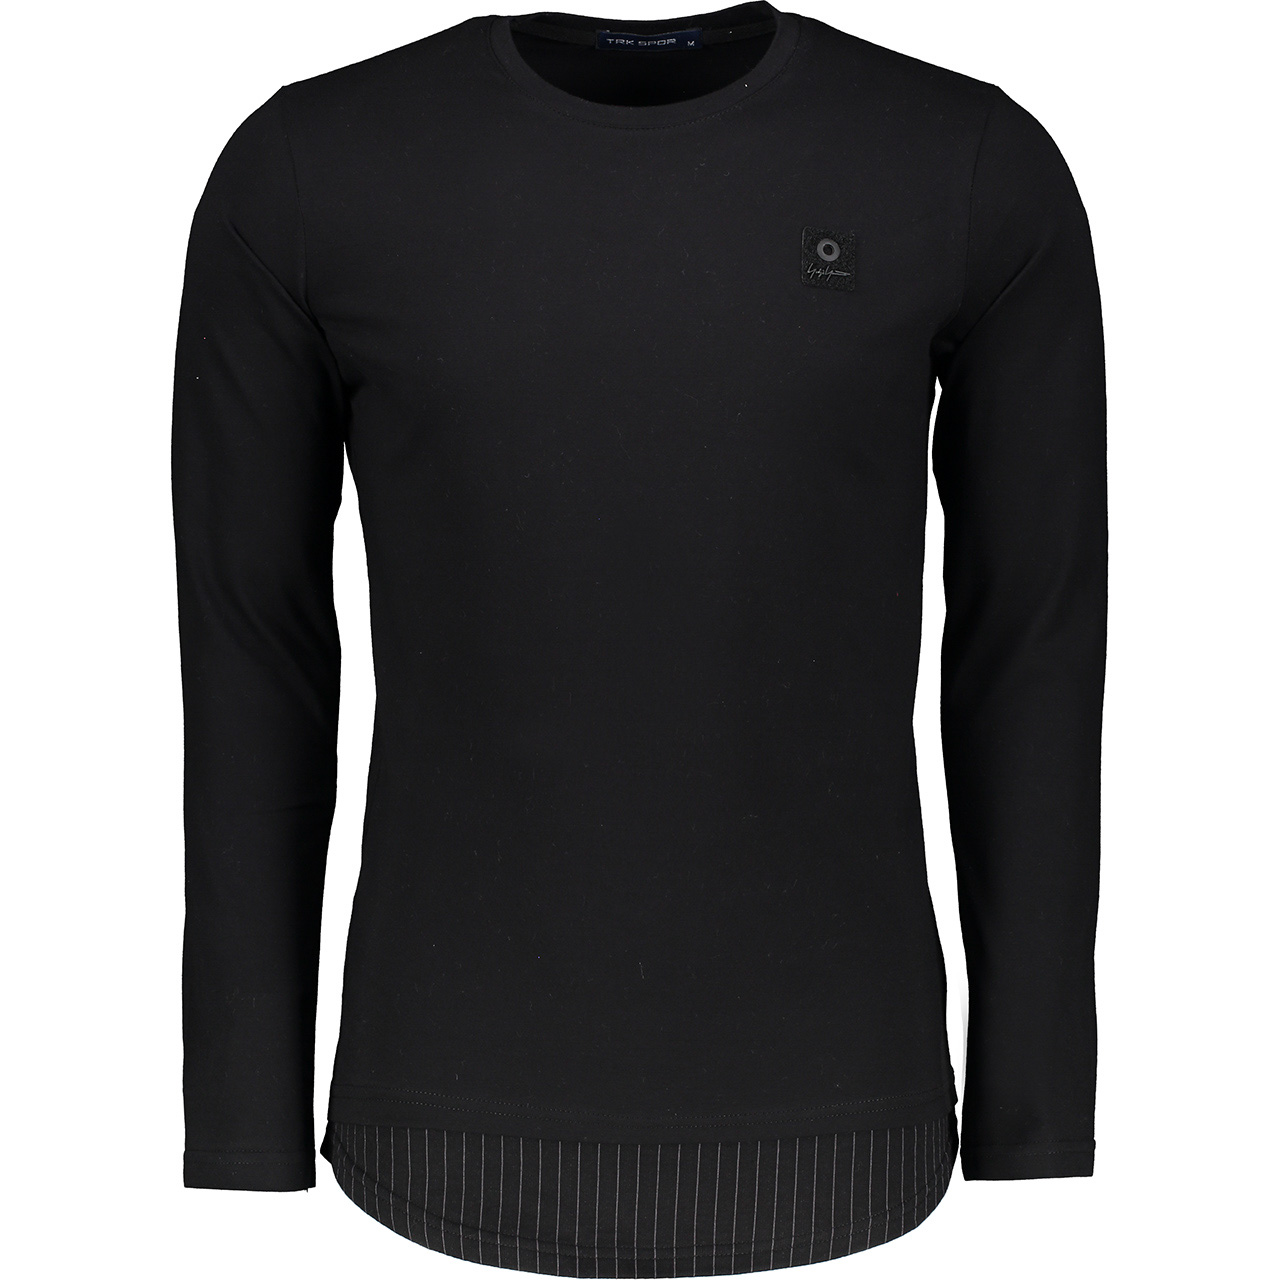 قیمت تی شرت آستین بلند مردانه تارکان کد 254